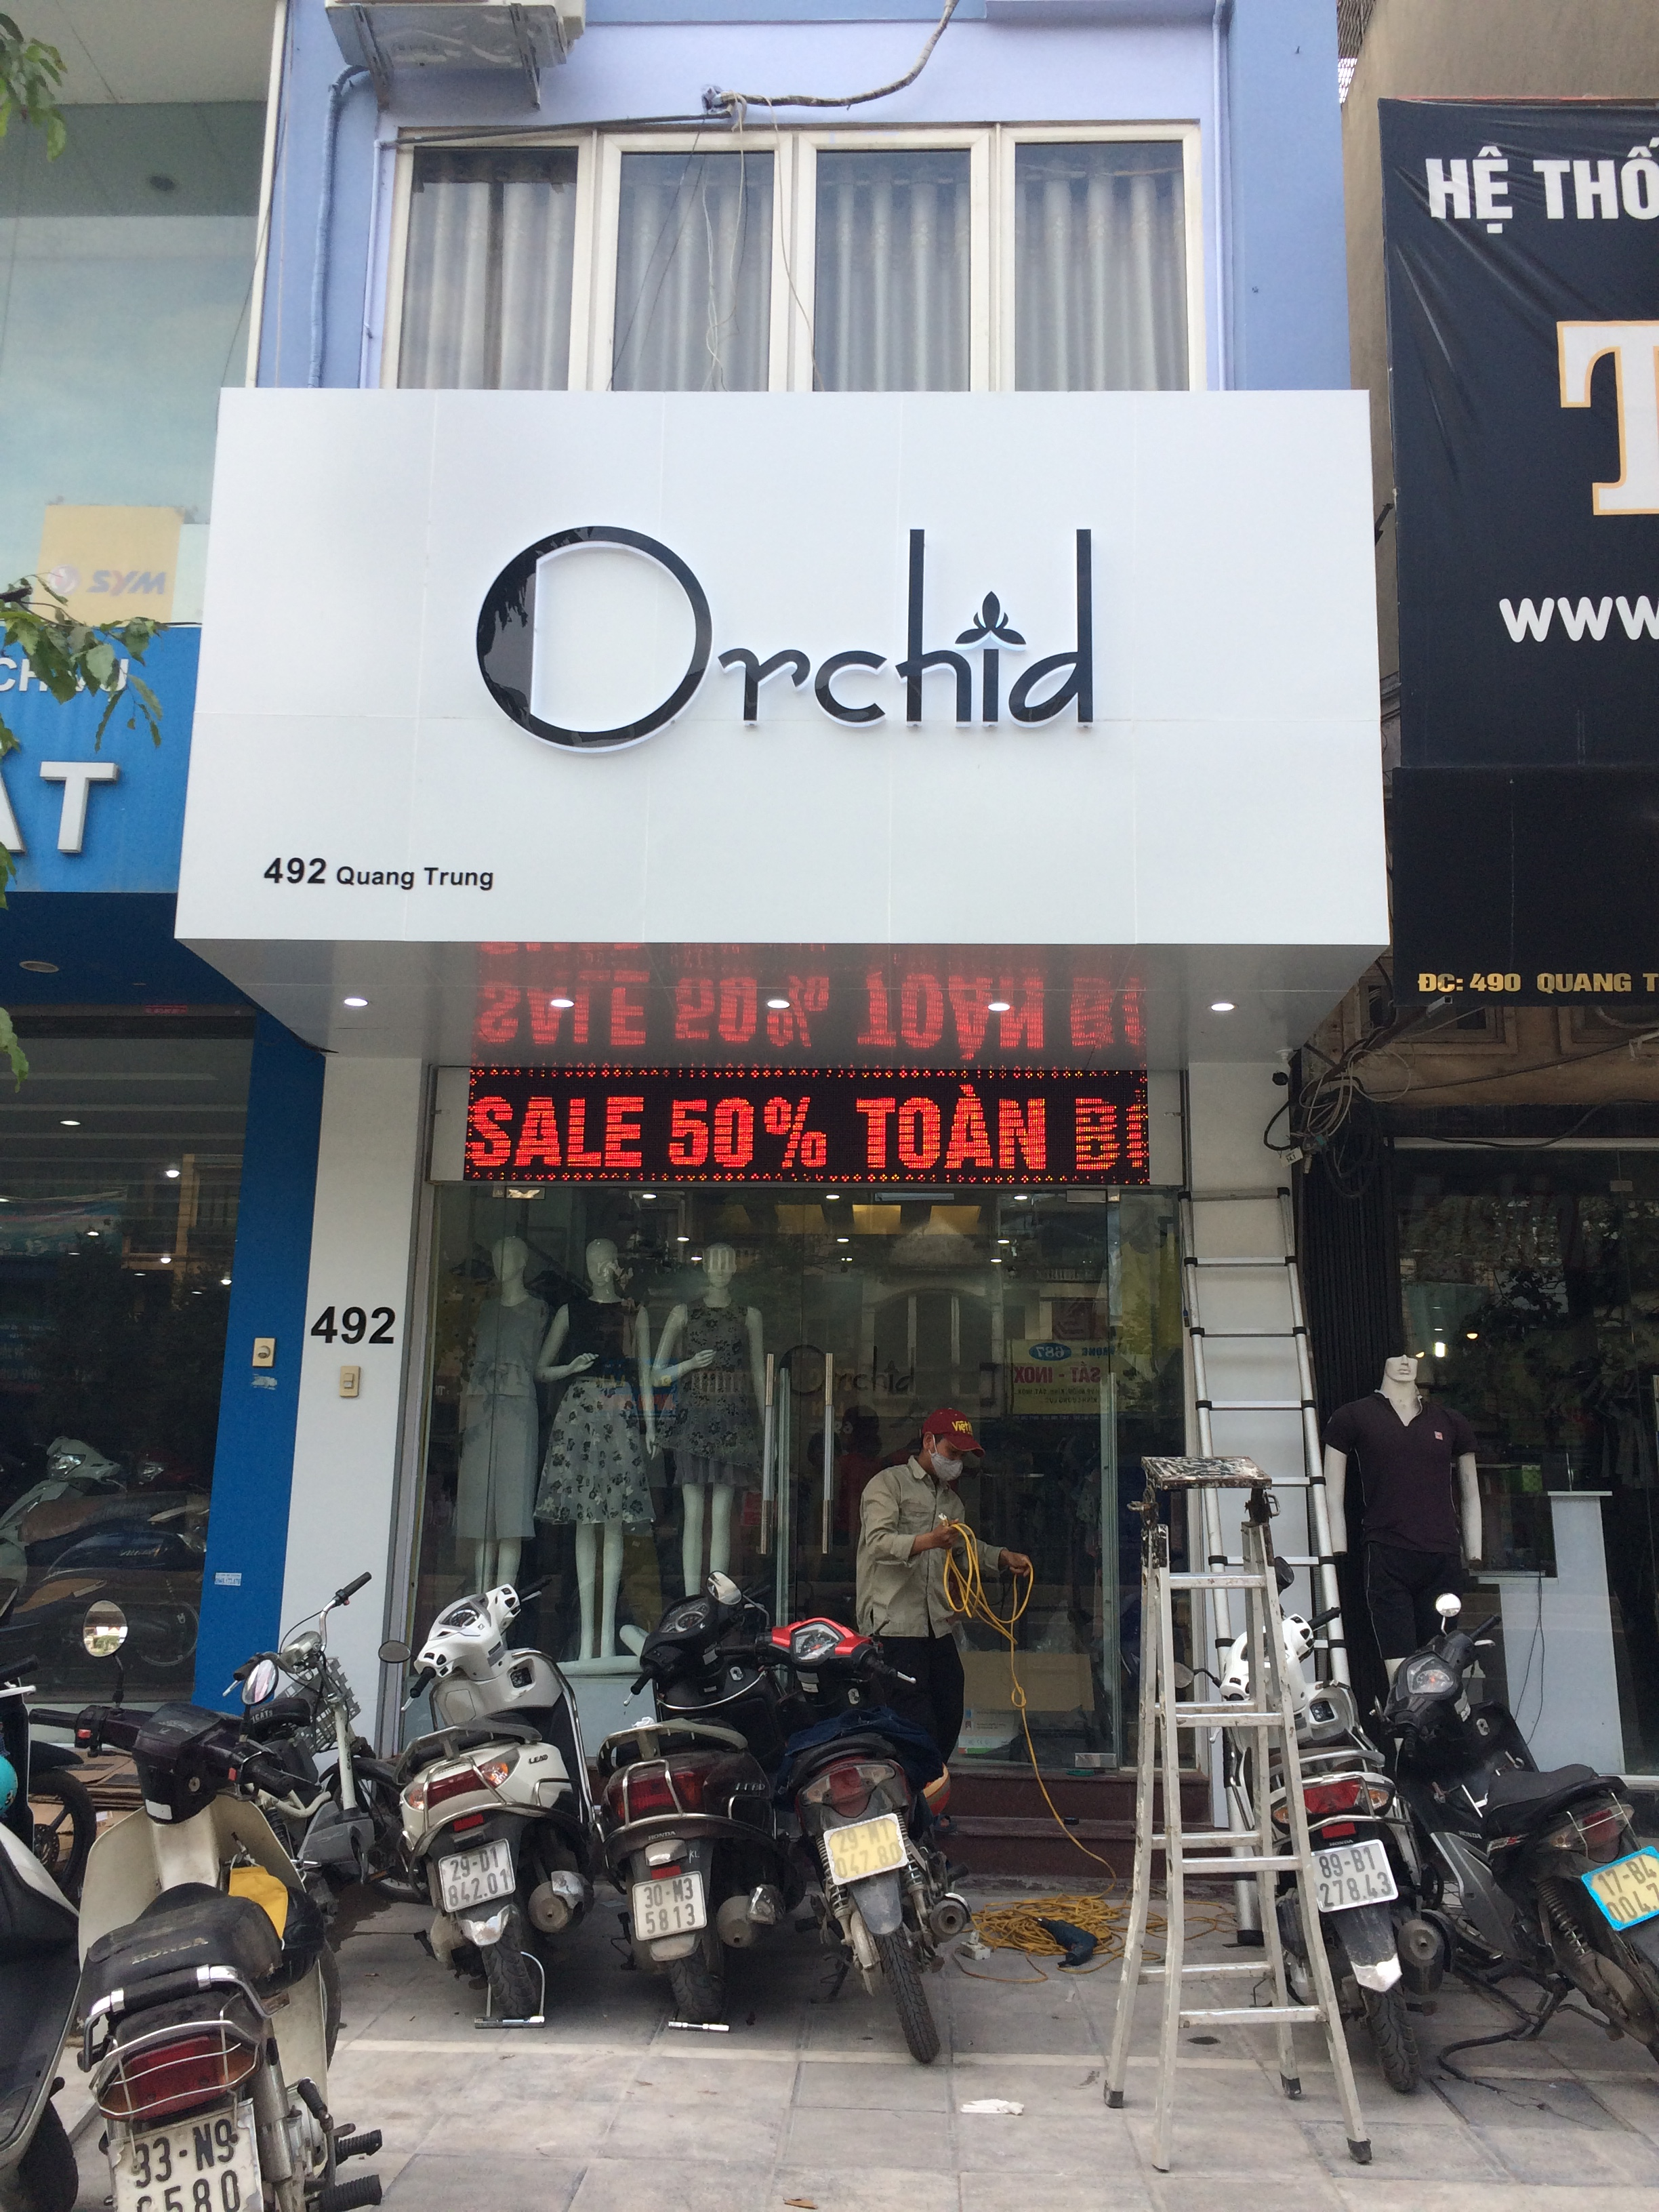 Biền quần áo thời trang Orchid